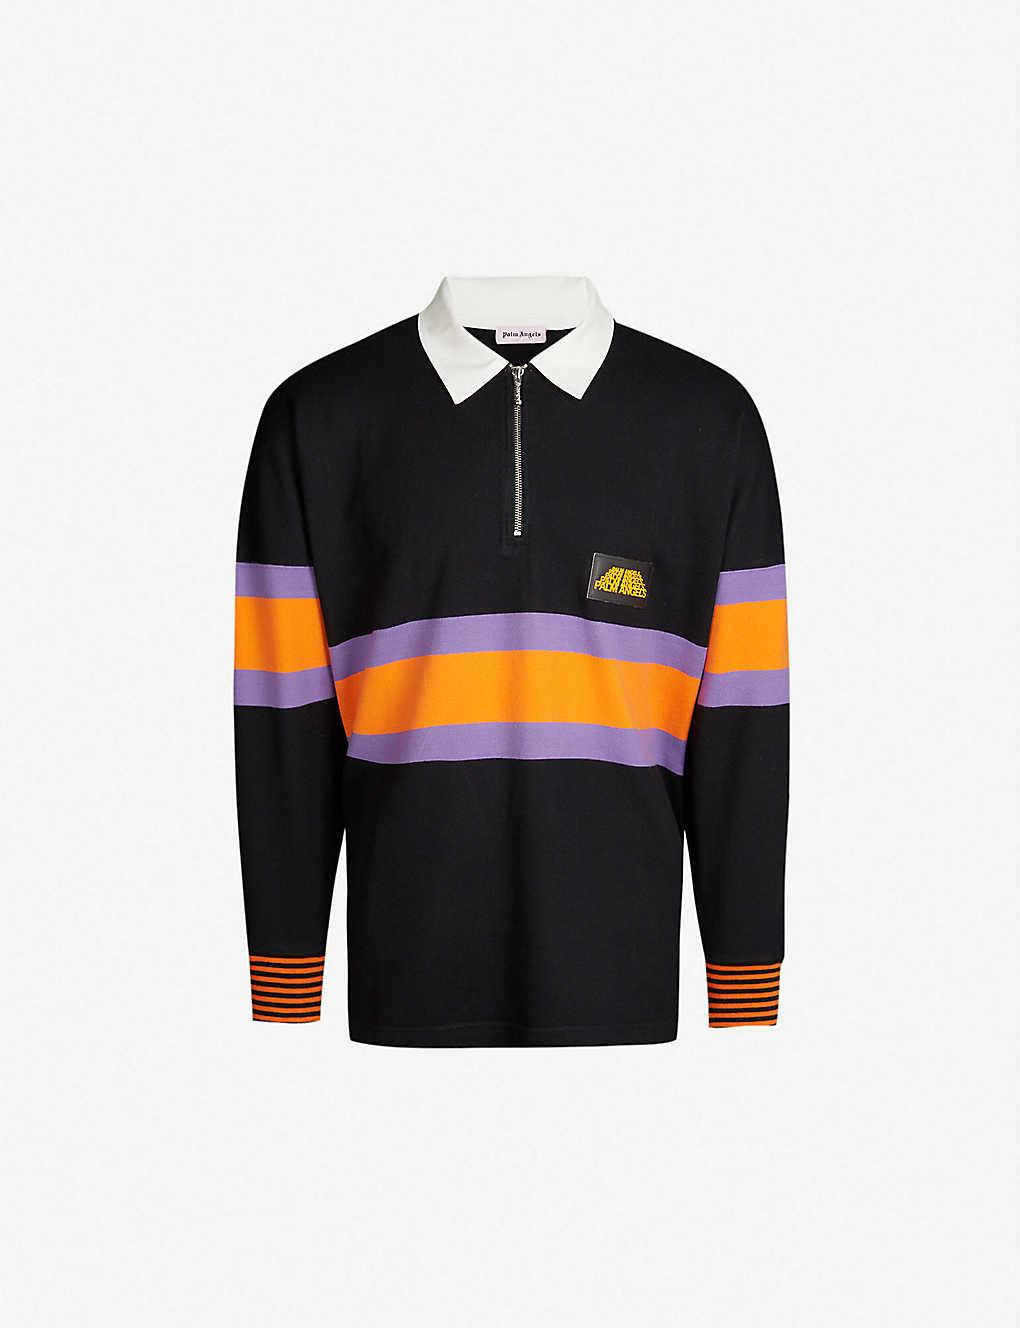 e237b2c40c3 PALM ANGELS - Colour-blocked cotton-blend rugby shirt | Selfridges.com